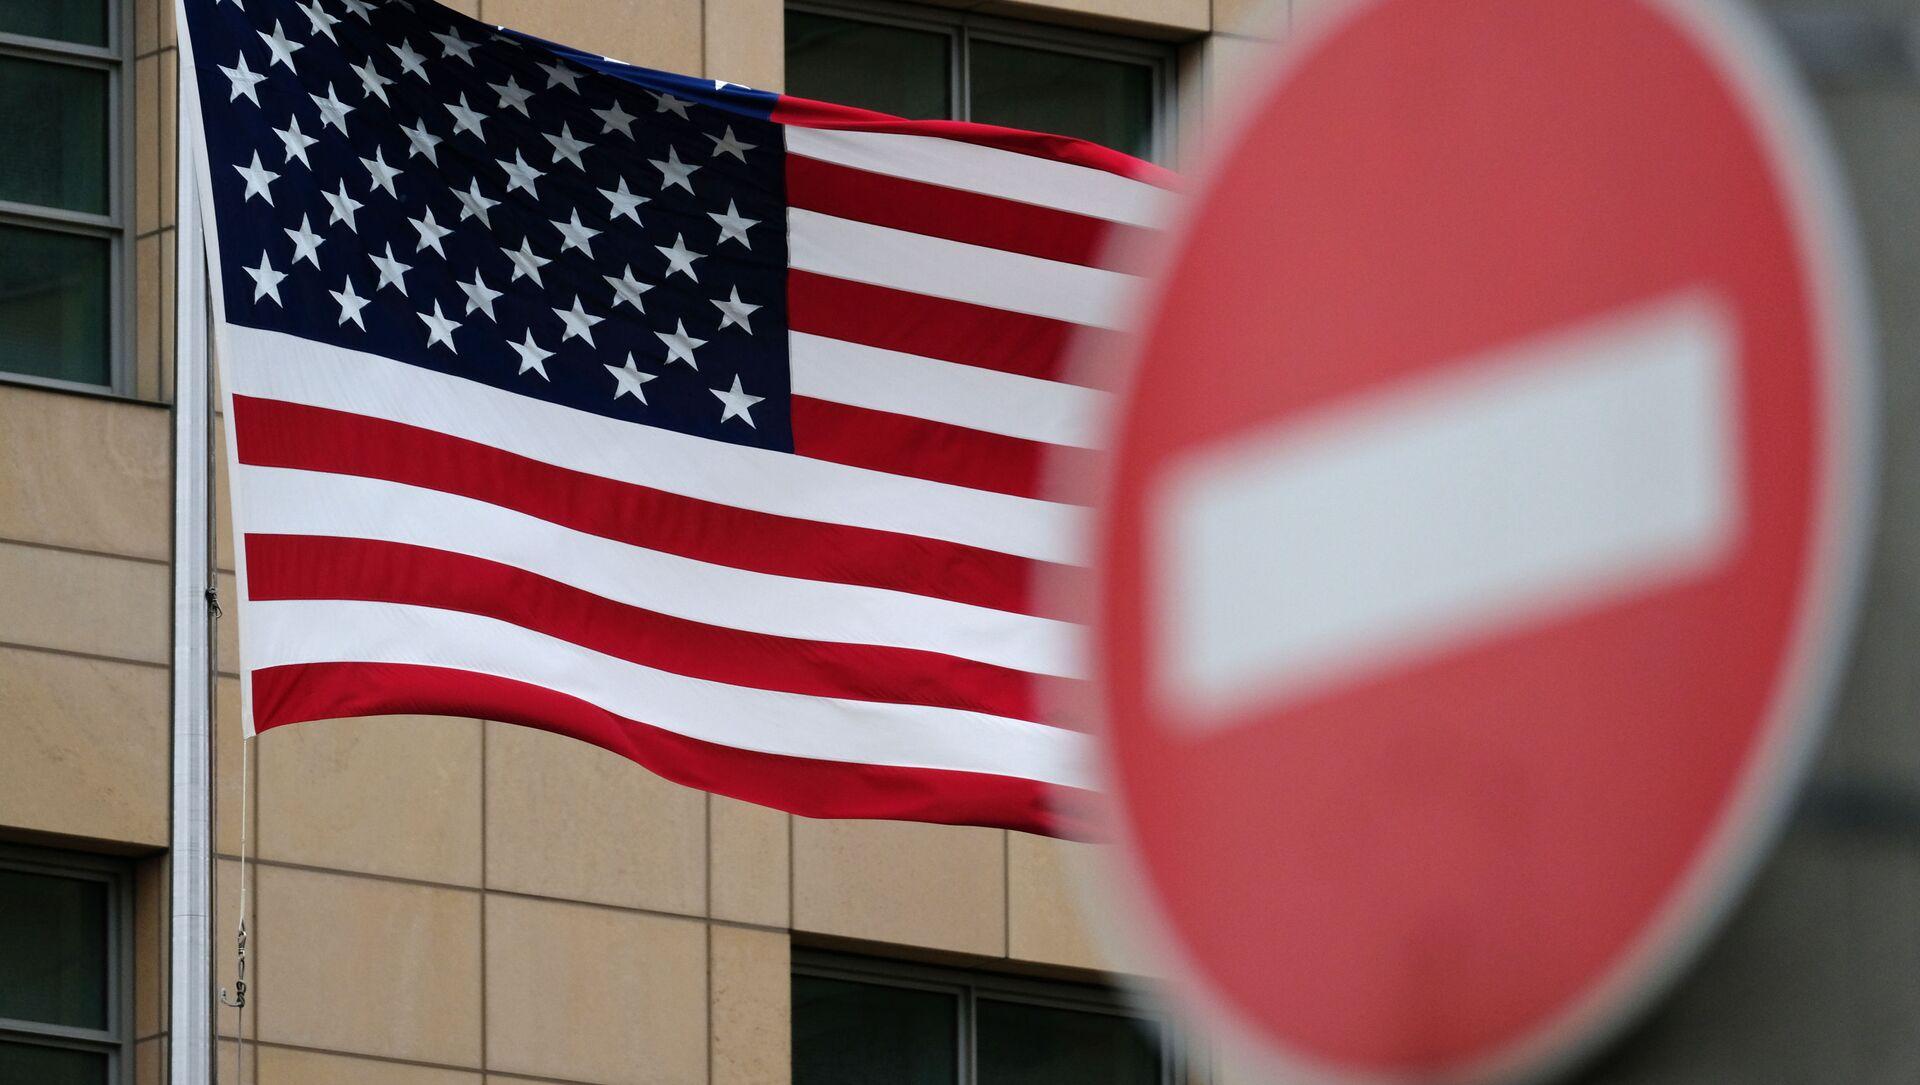 Vlajka Spojených států amerických - Sputnik Česká republika, 1920, 15.04.2021